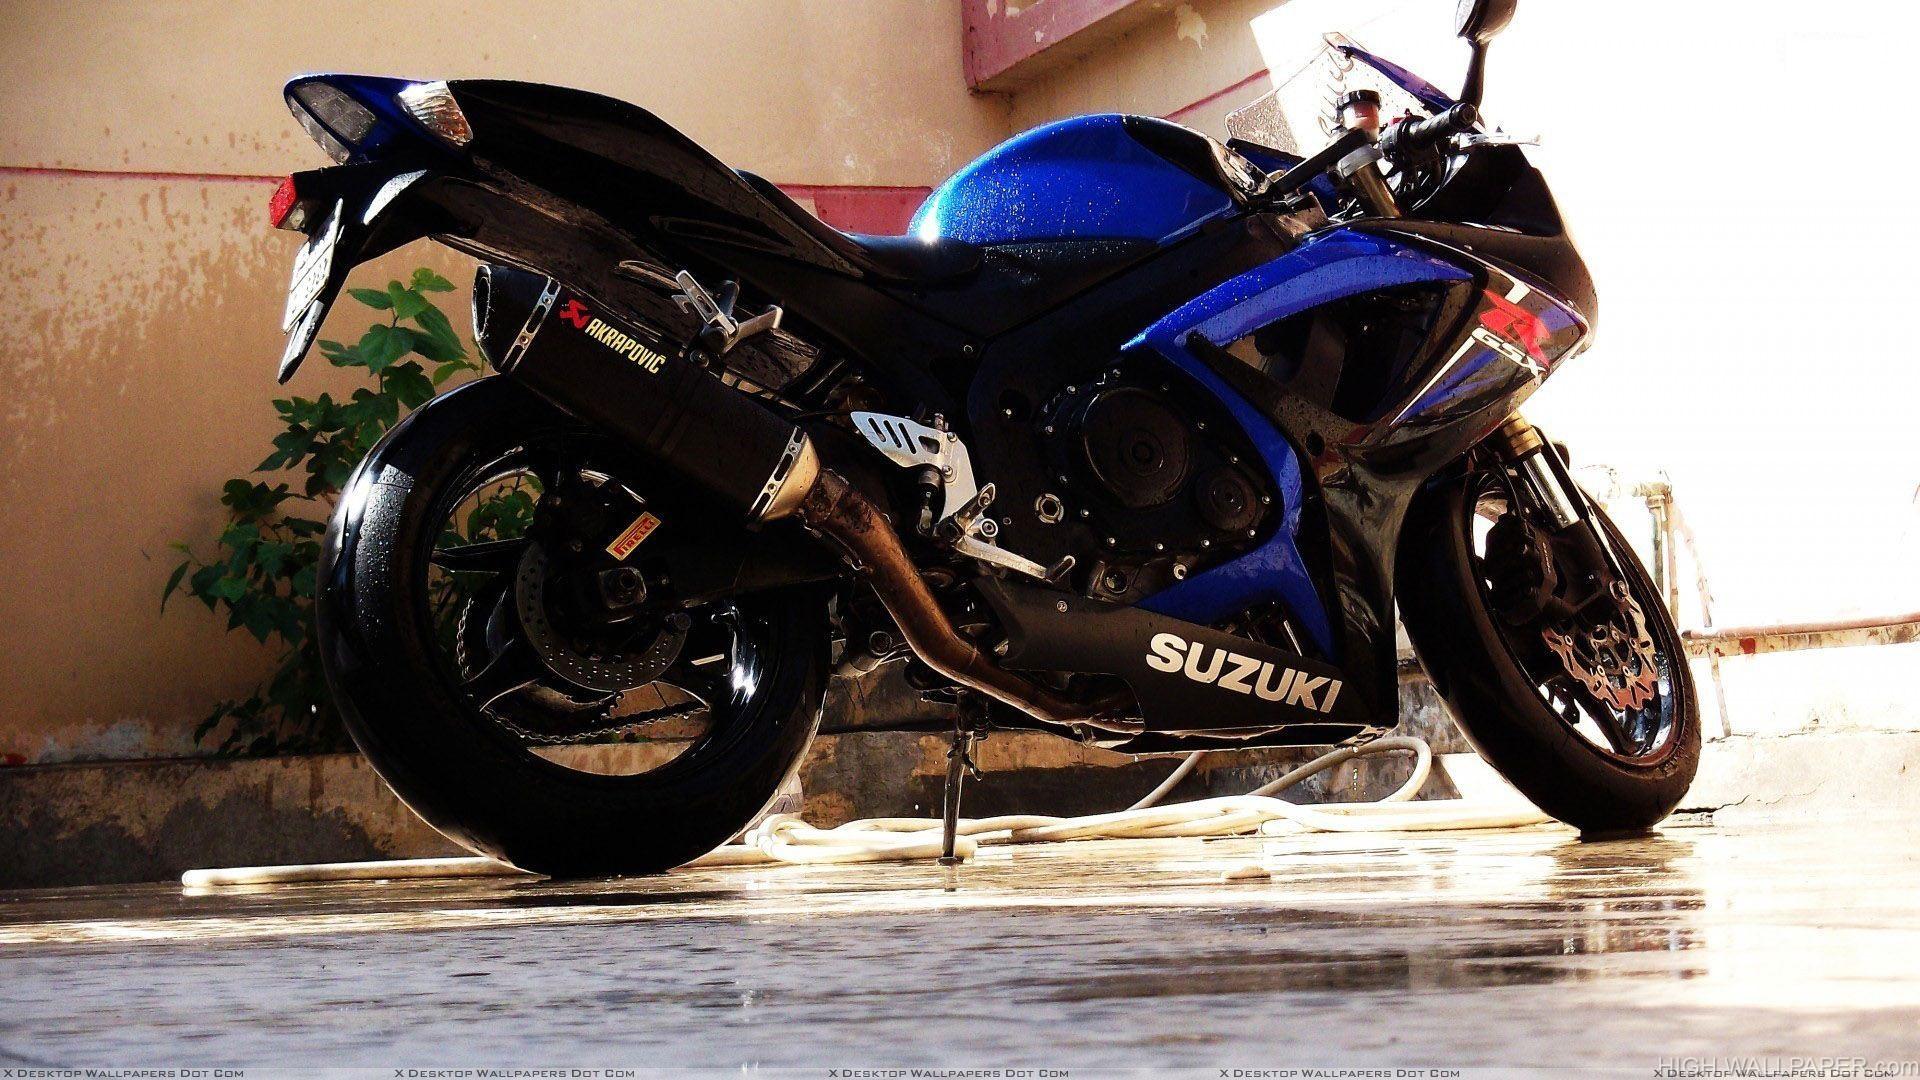 Suzuki Gsx R600 Side Pose In Blue